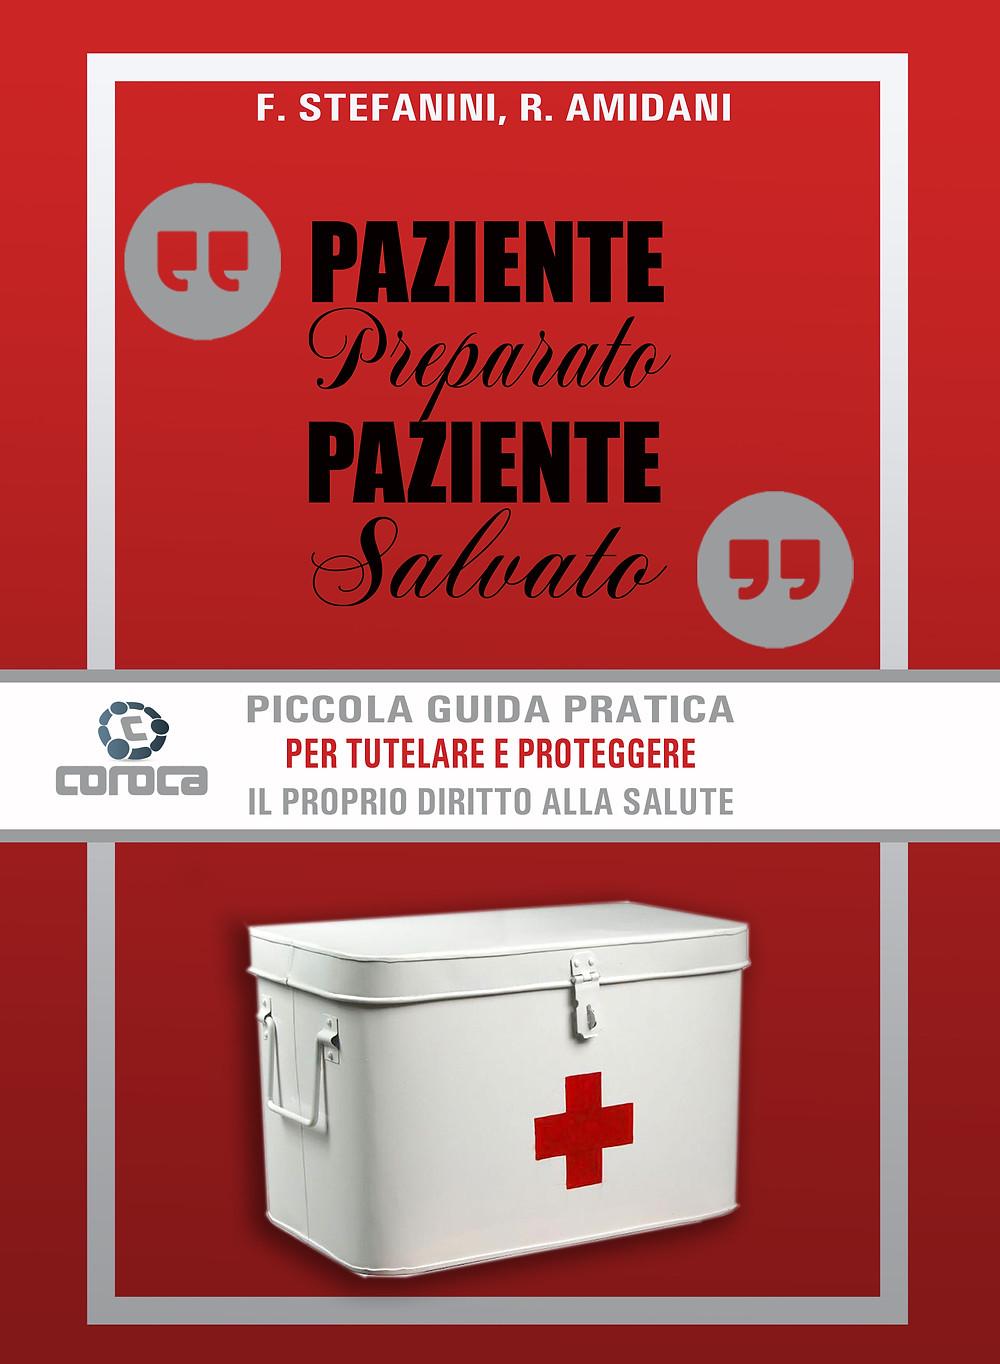 Cover pp.jpg